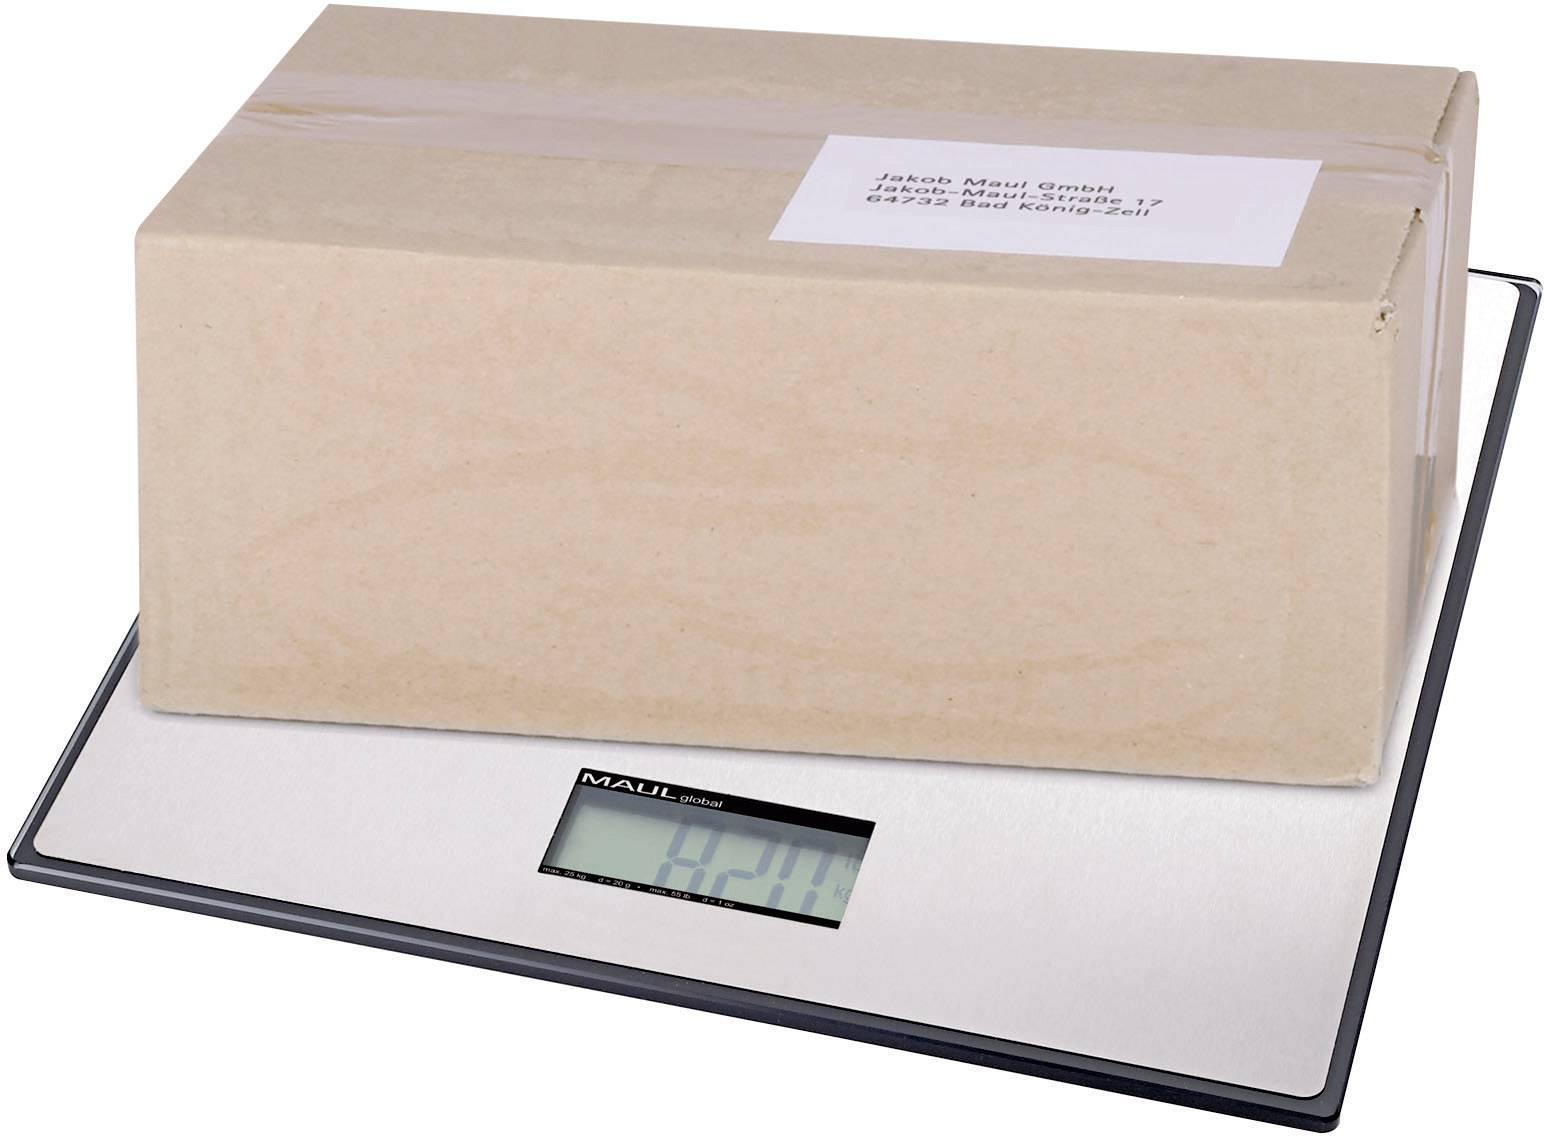 Balíková váha Maul 17125, presnosť 20 g, max. váživosť 25 kg